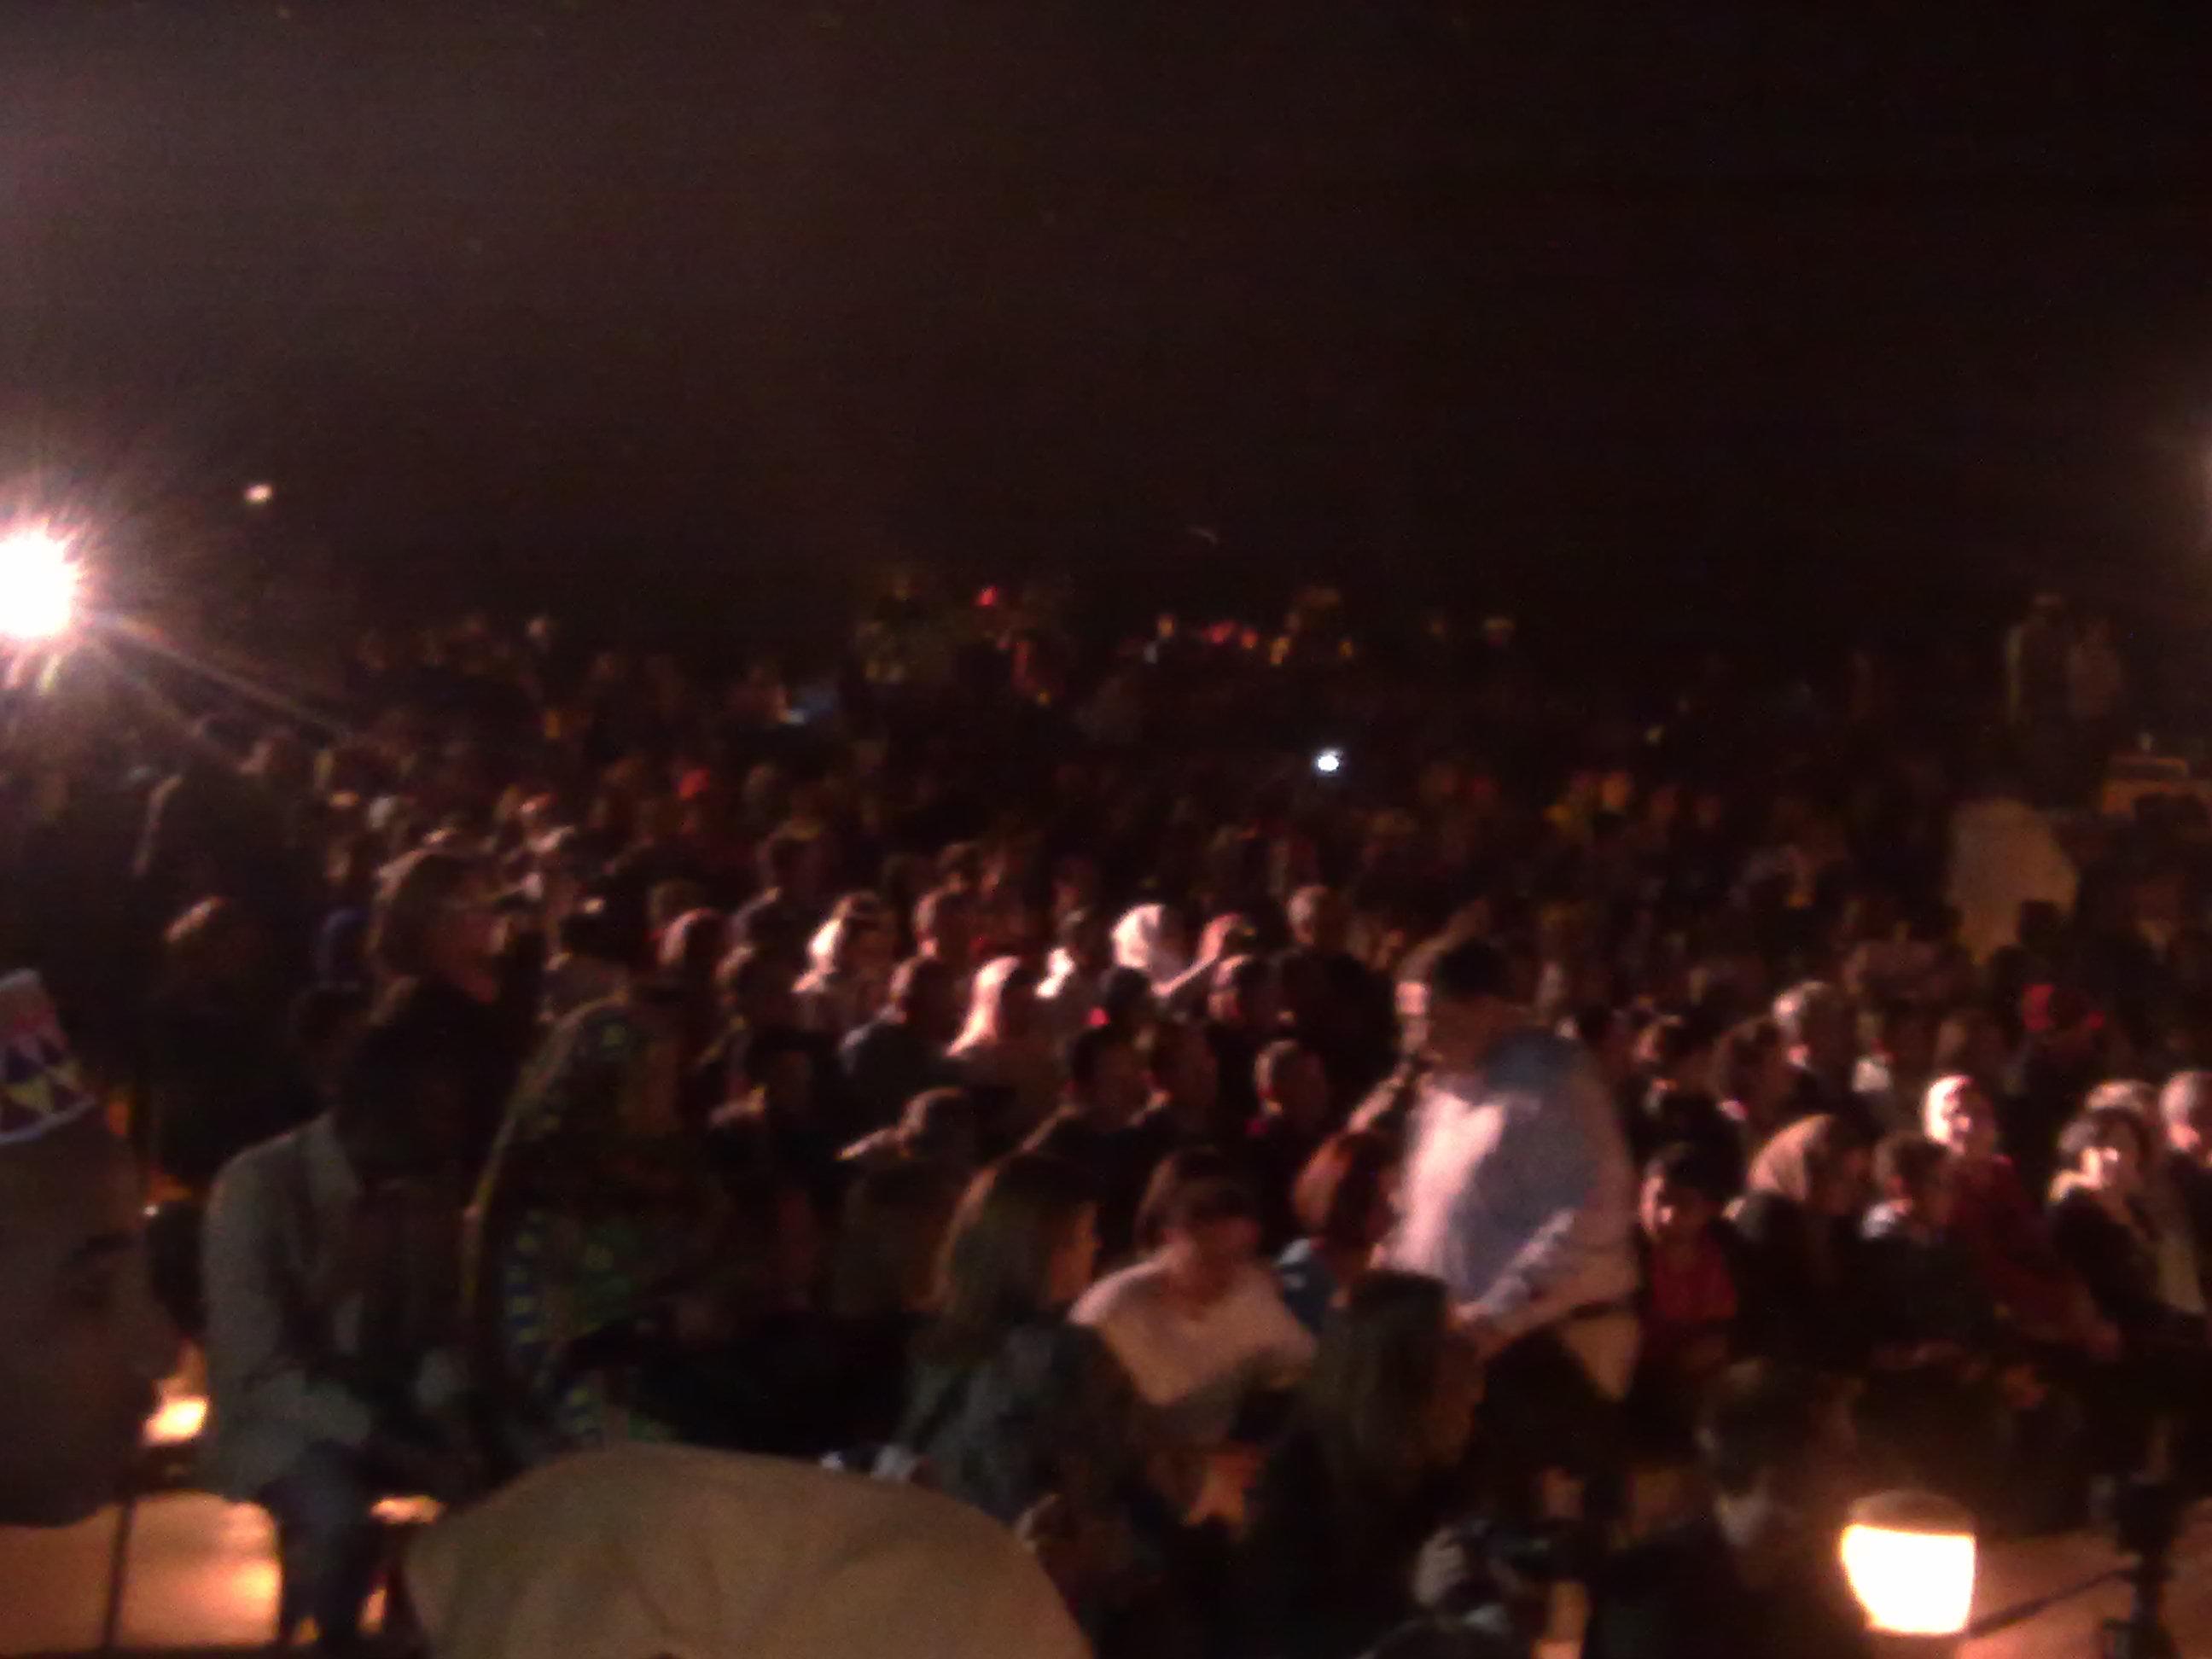 الحضور يتابع عروض الصوت والضوء